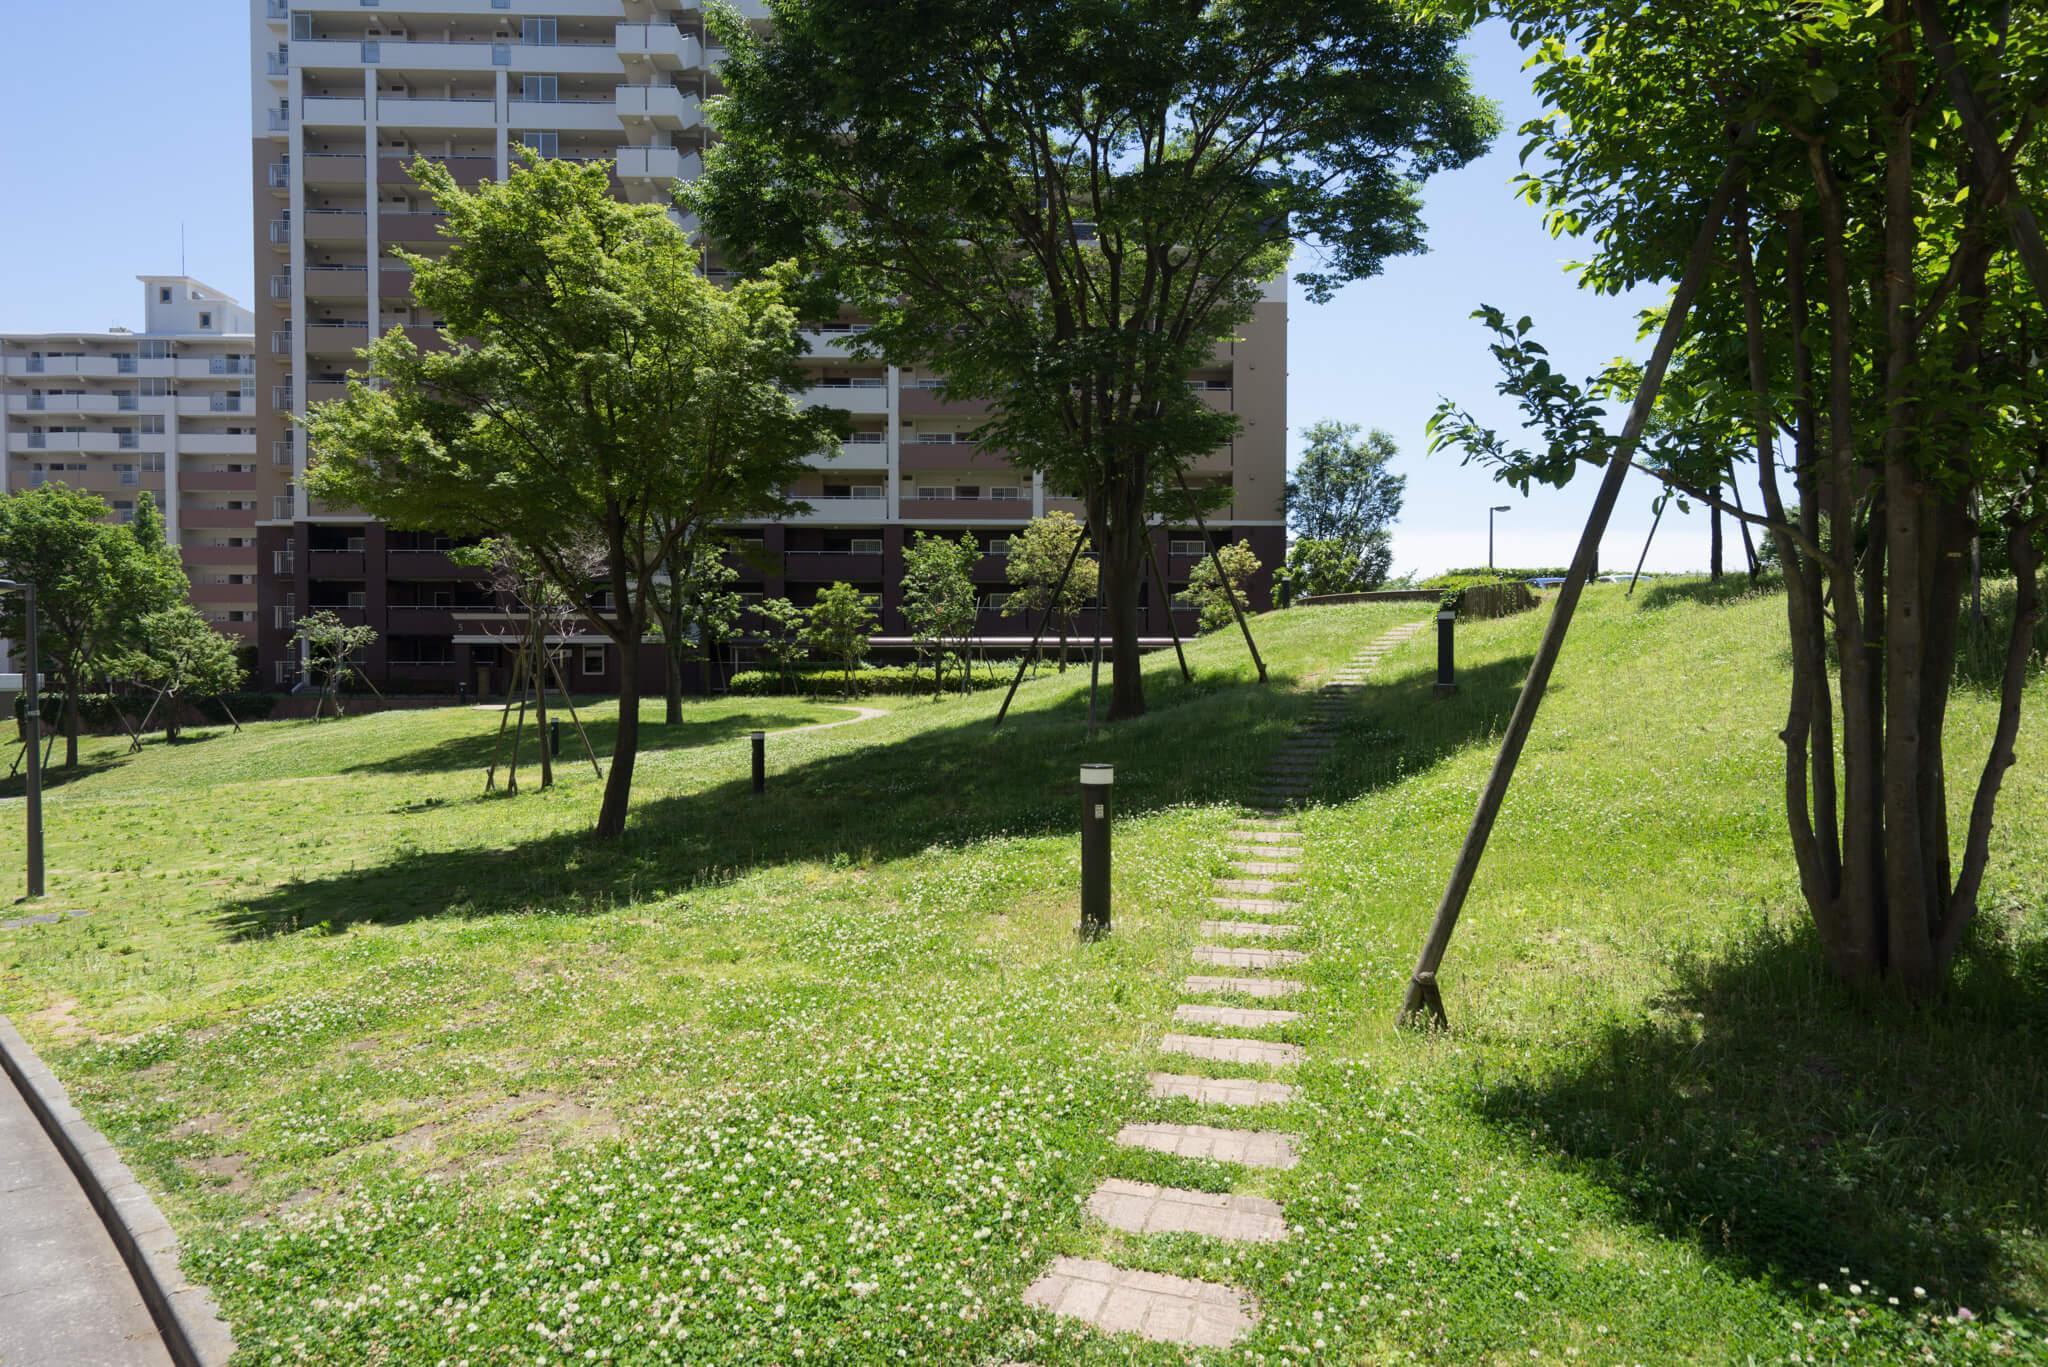 こちらの芝生の上で楽しくピクニックしている親子もいらっしゃいました